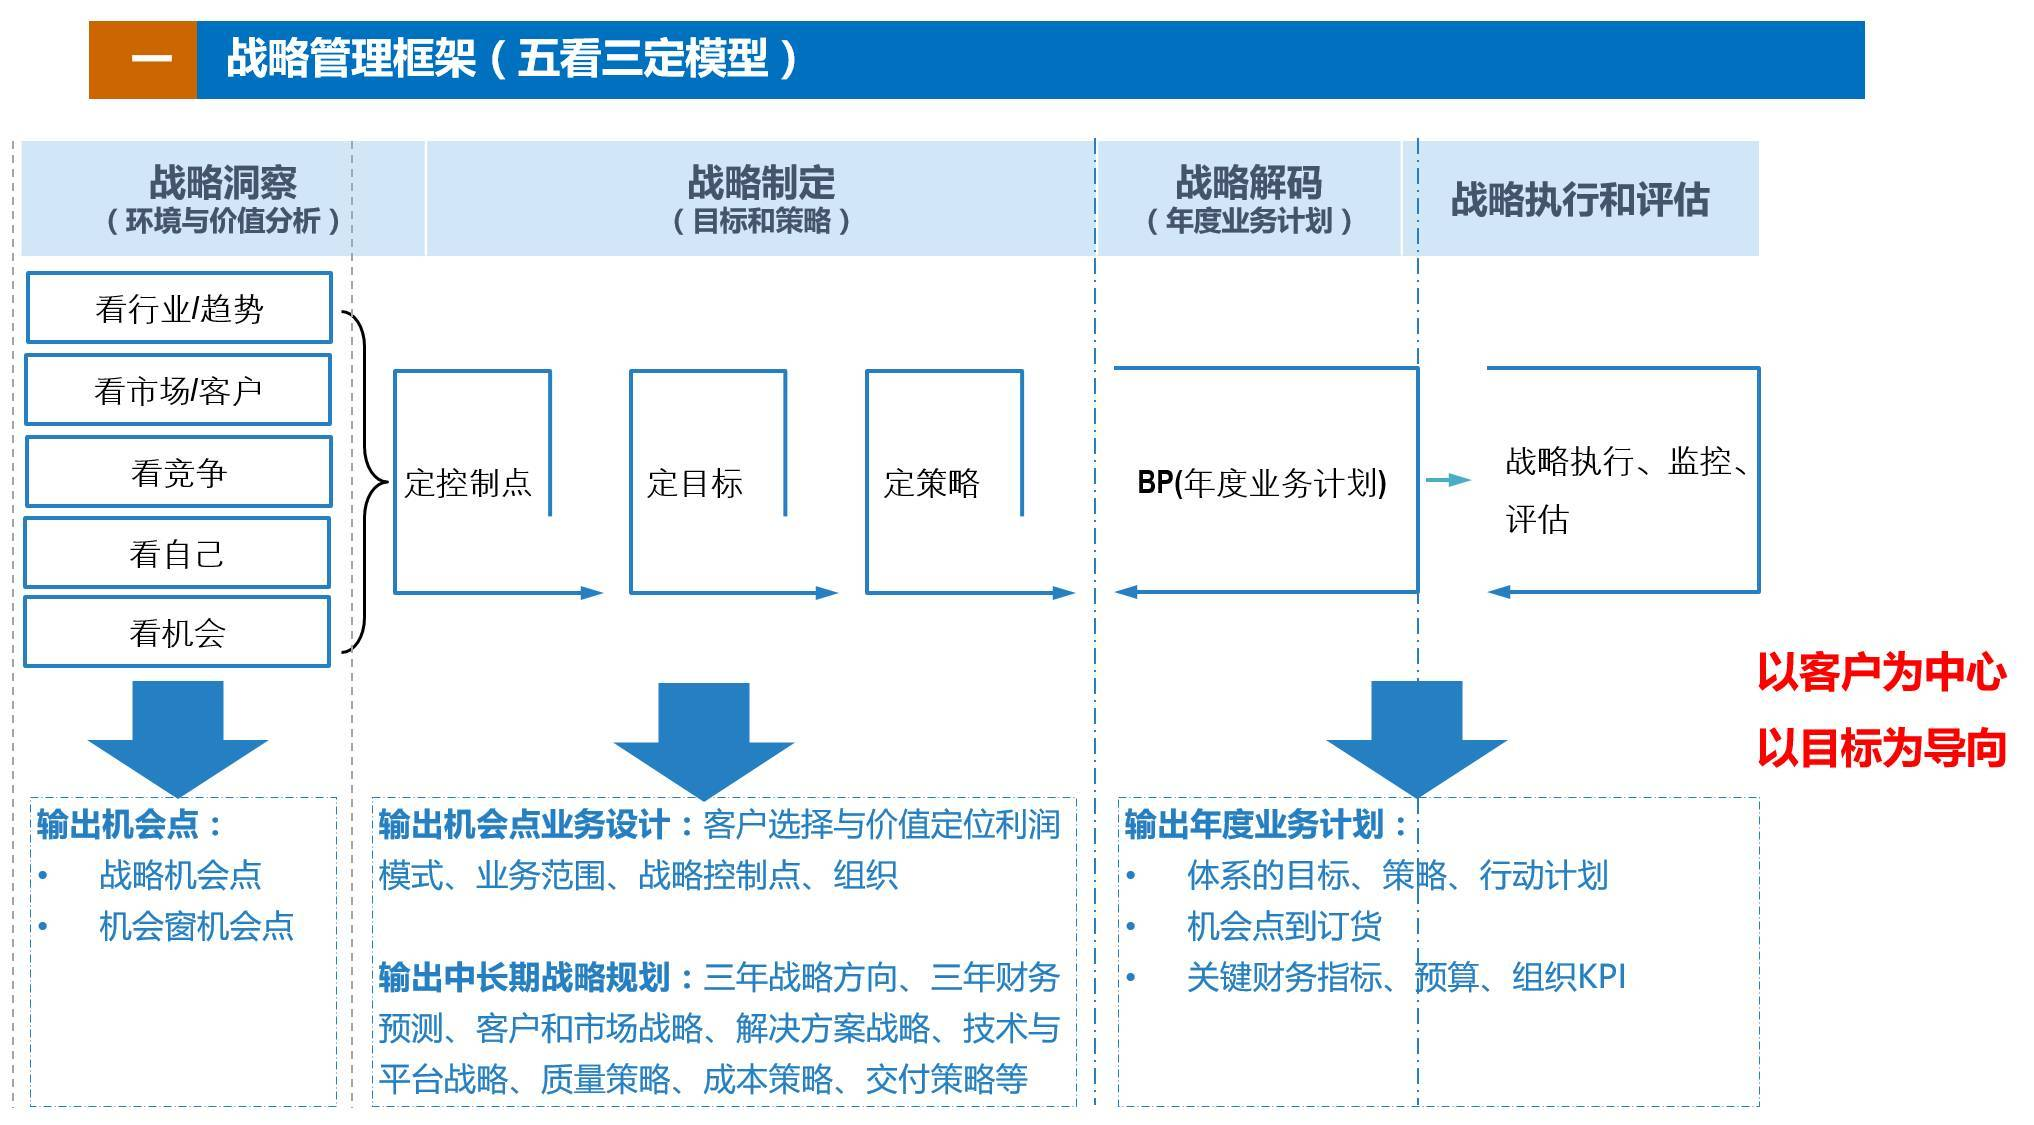 华为实现战略意图的业务设计图片